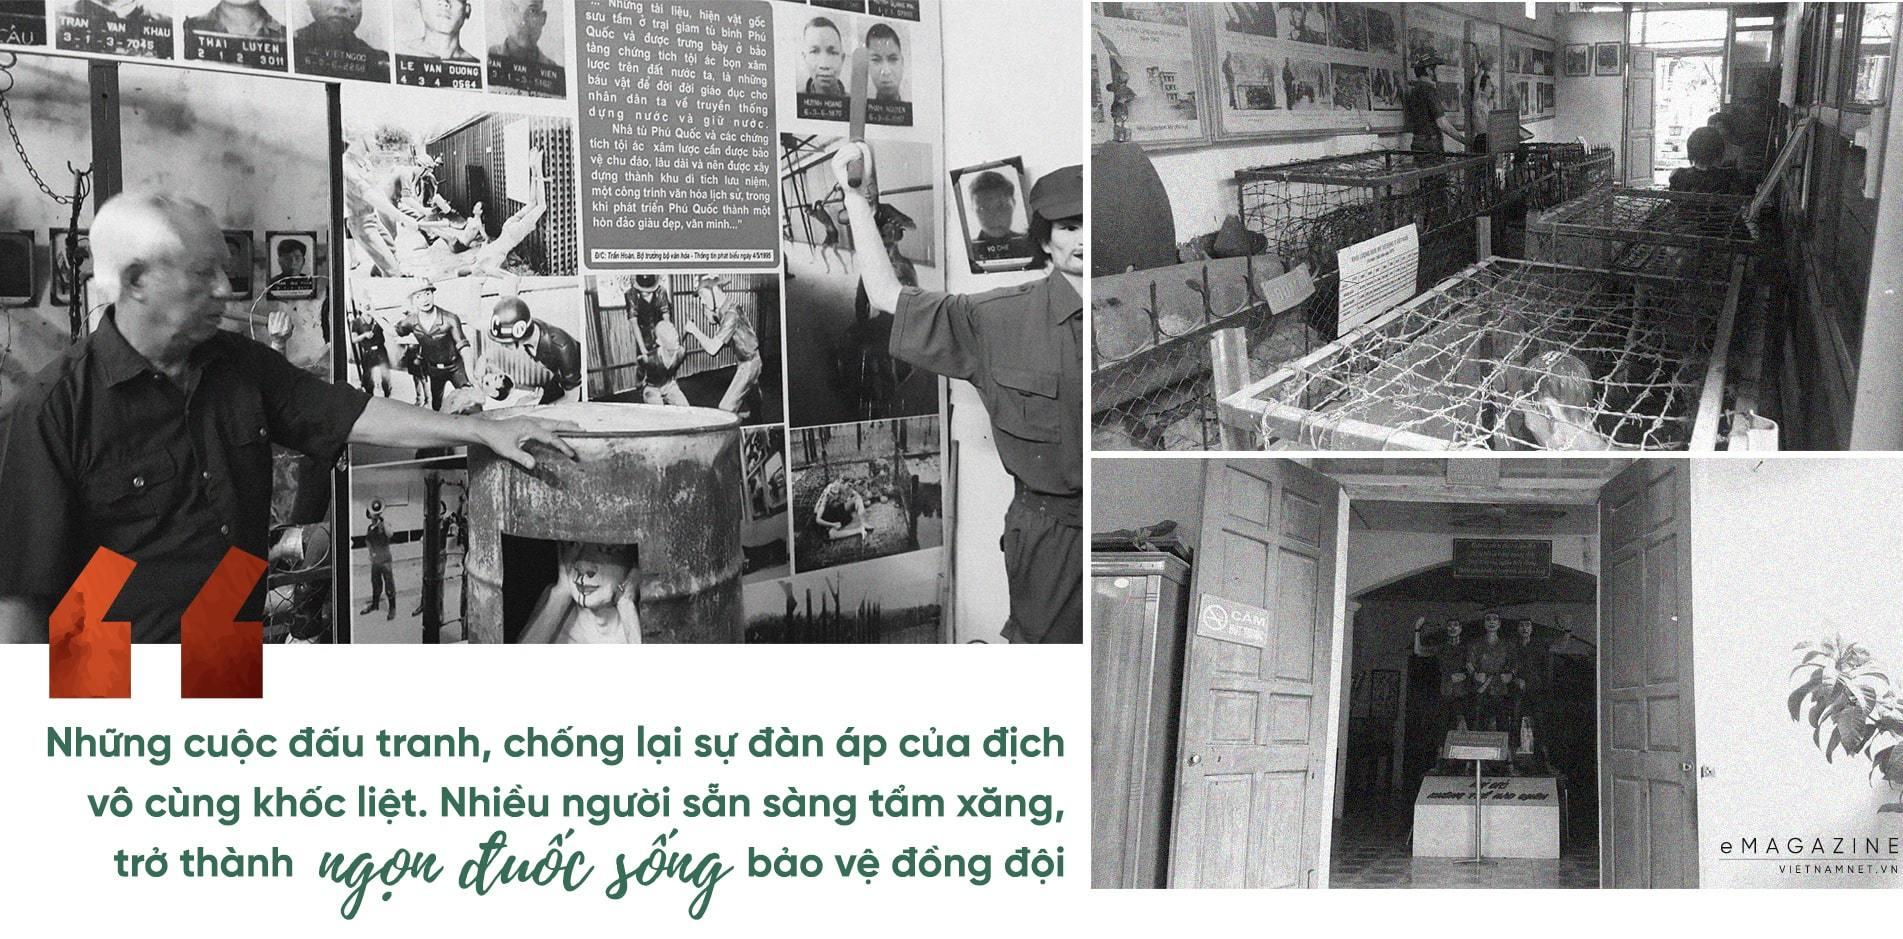 Phú Quốc,Bảo tàng,Nhà tù Phú Quốc